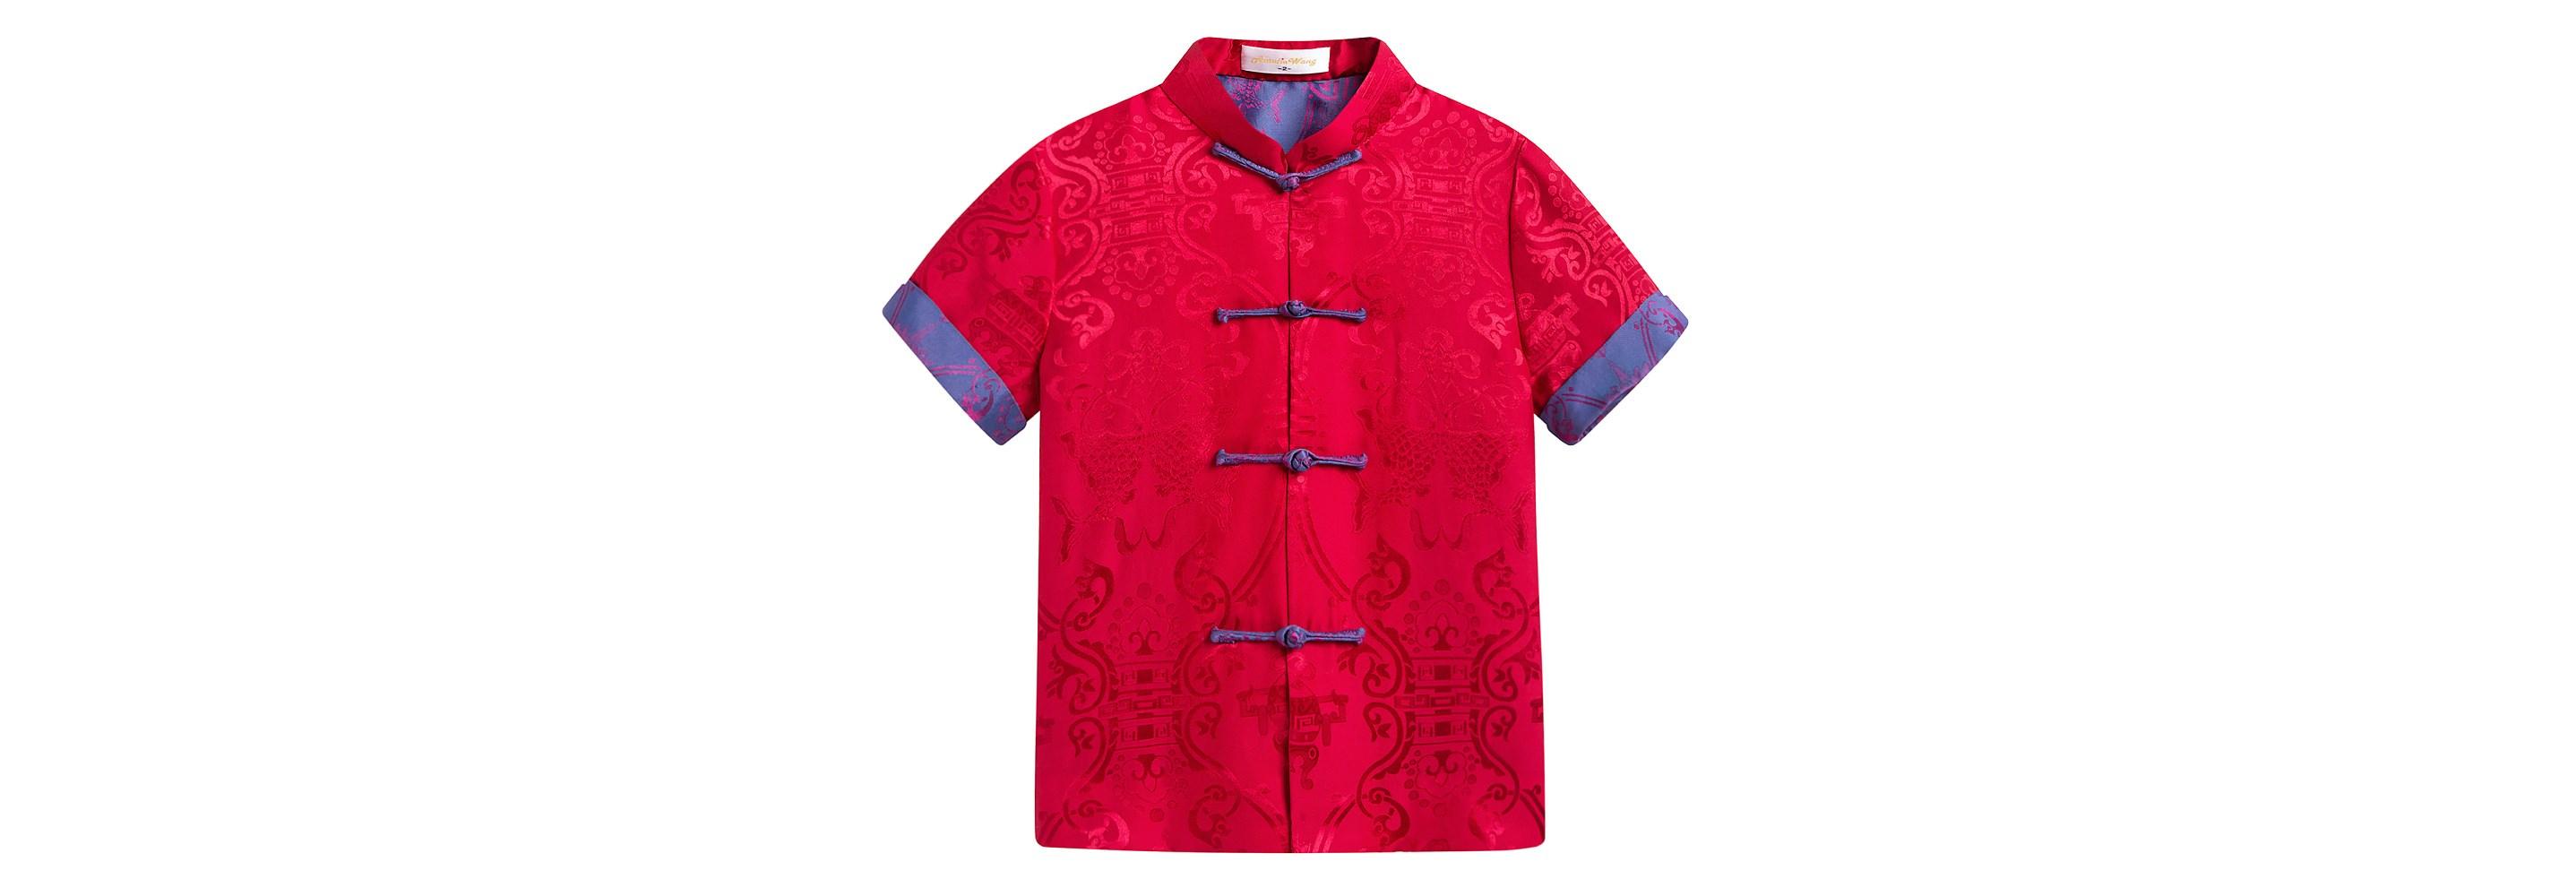 红色双鱼短袖